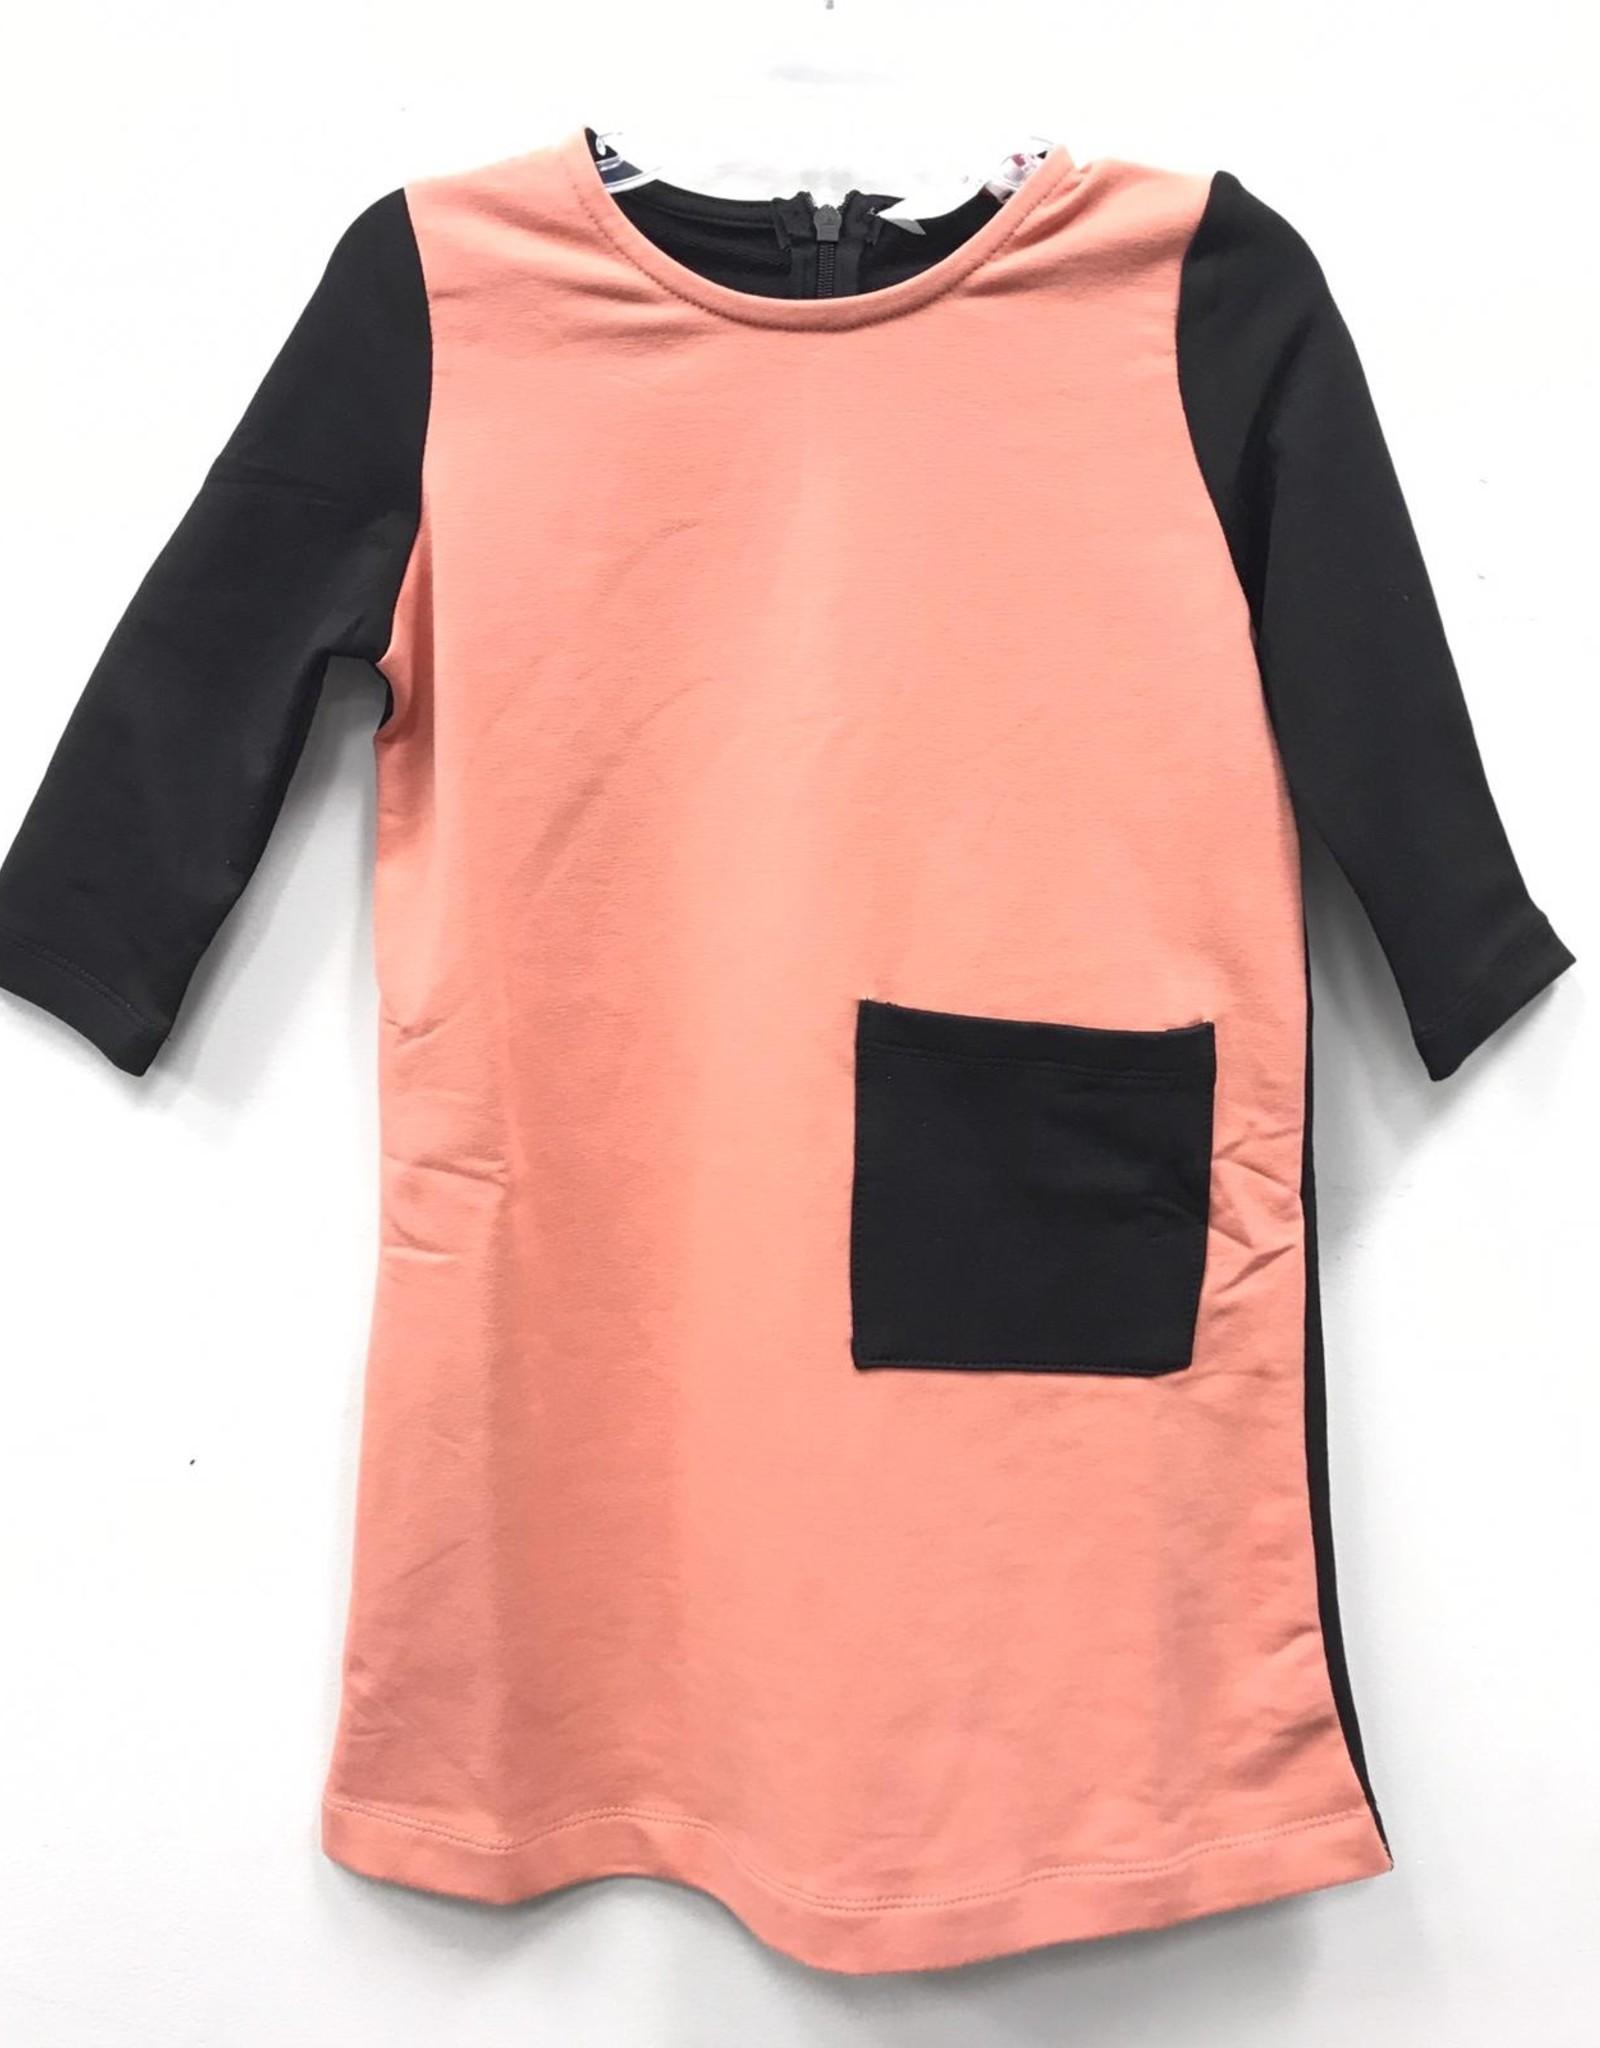 Citrus Citrus Colorblock Dress with Pocket